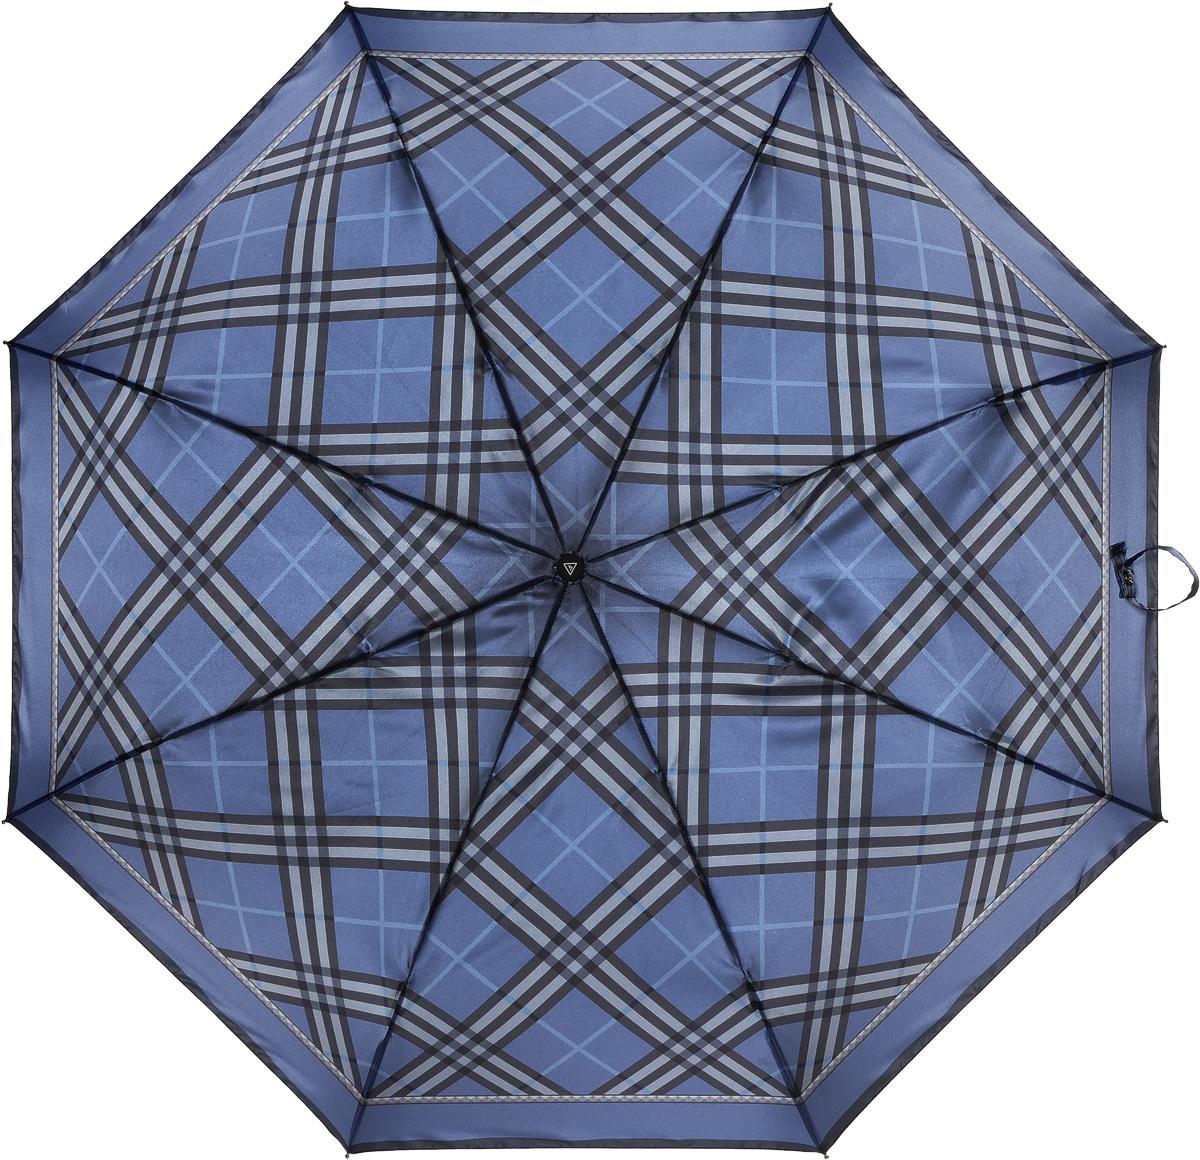 Зонт женский Fabretti, автомат, 3 сложения, цвет: синий. L-16105-13L-16105-13Зонт женский Fabretti, облегченный суперавтомат, 3 сложения